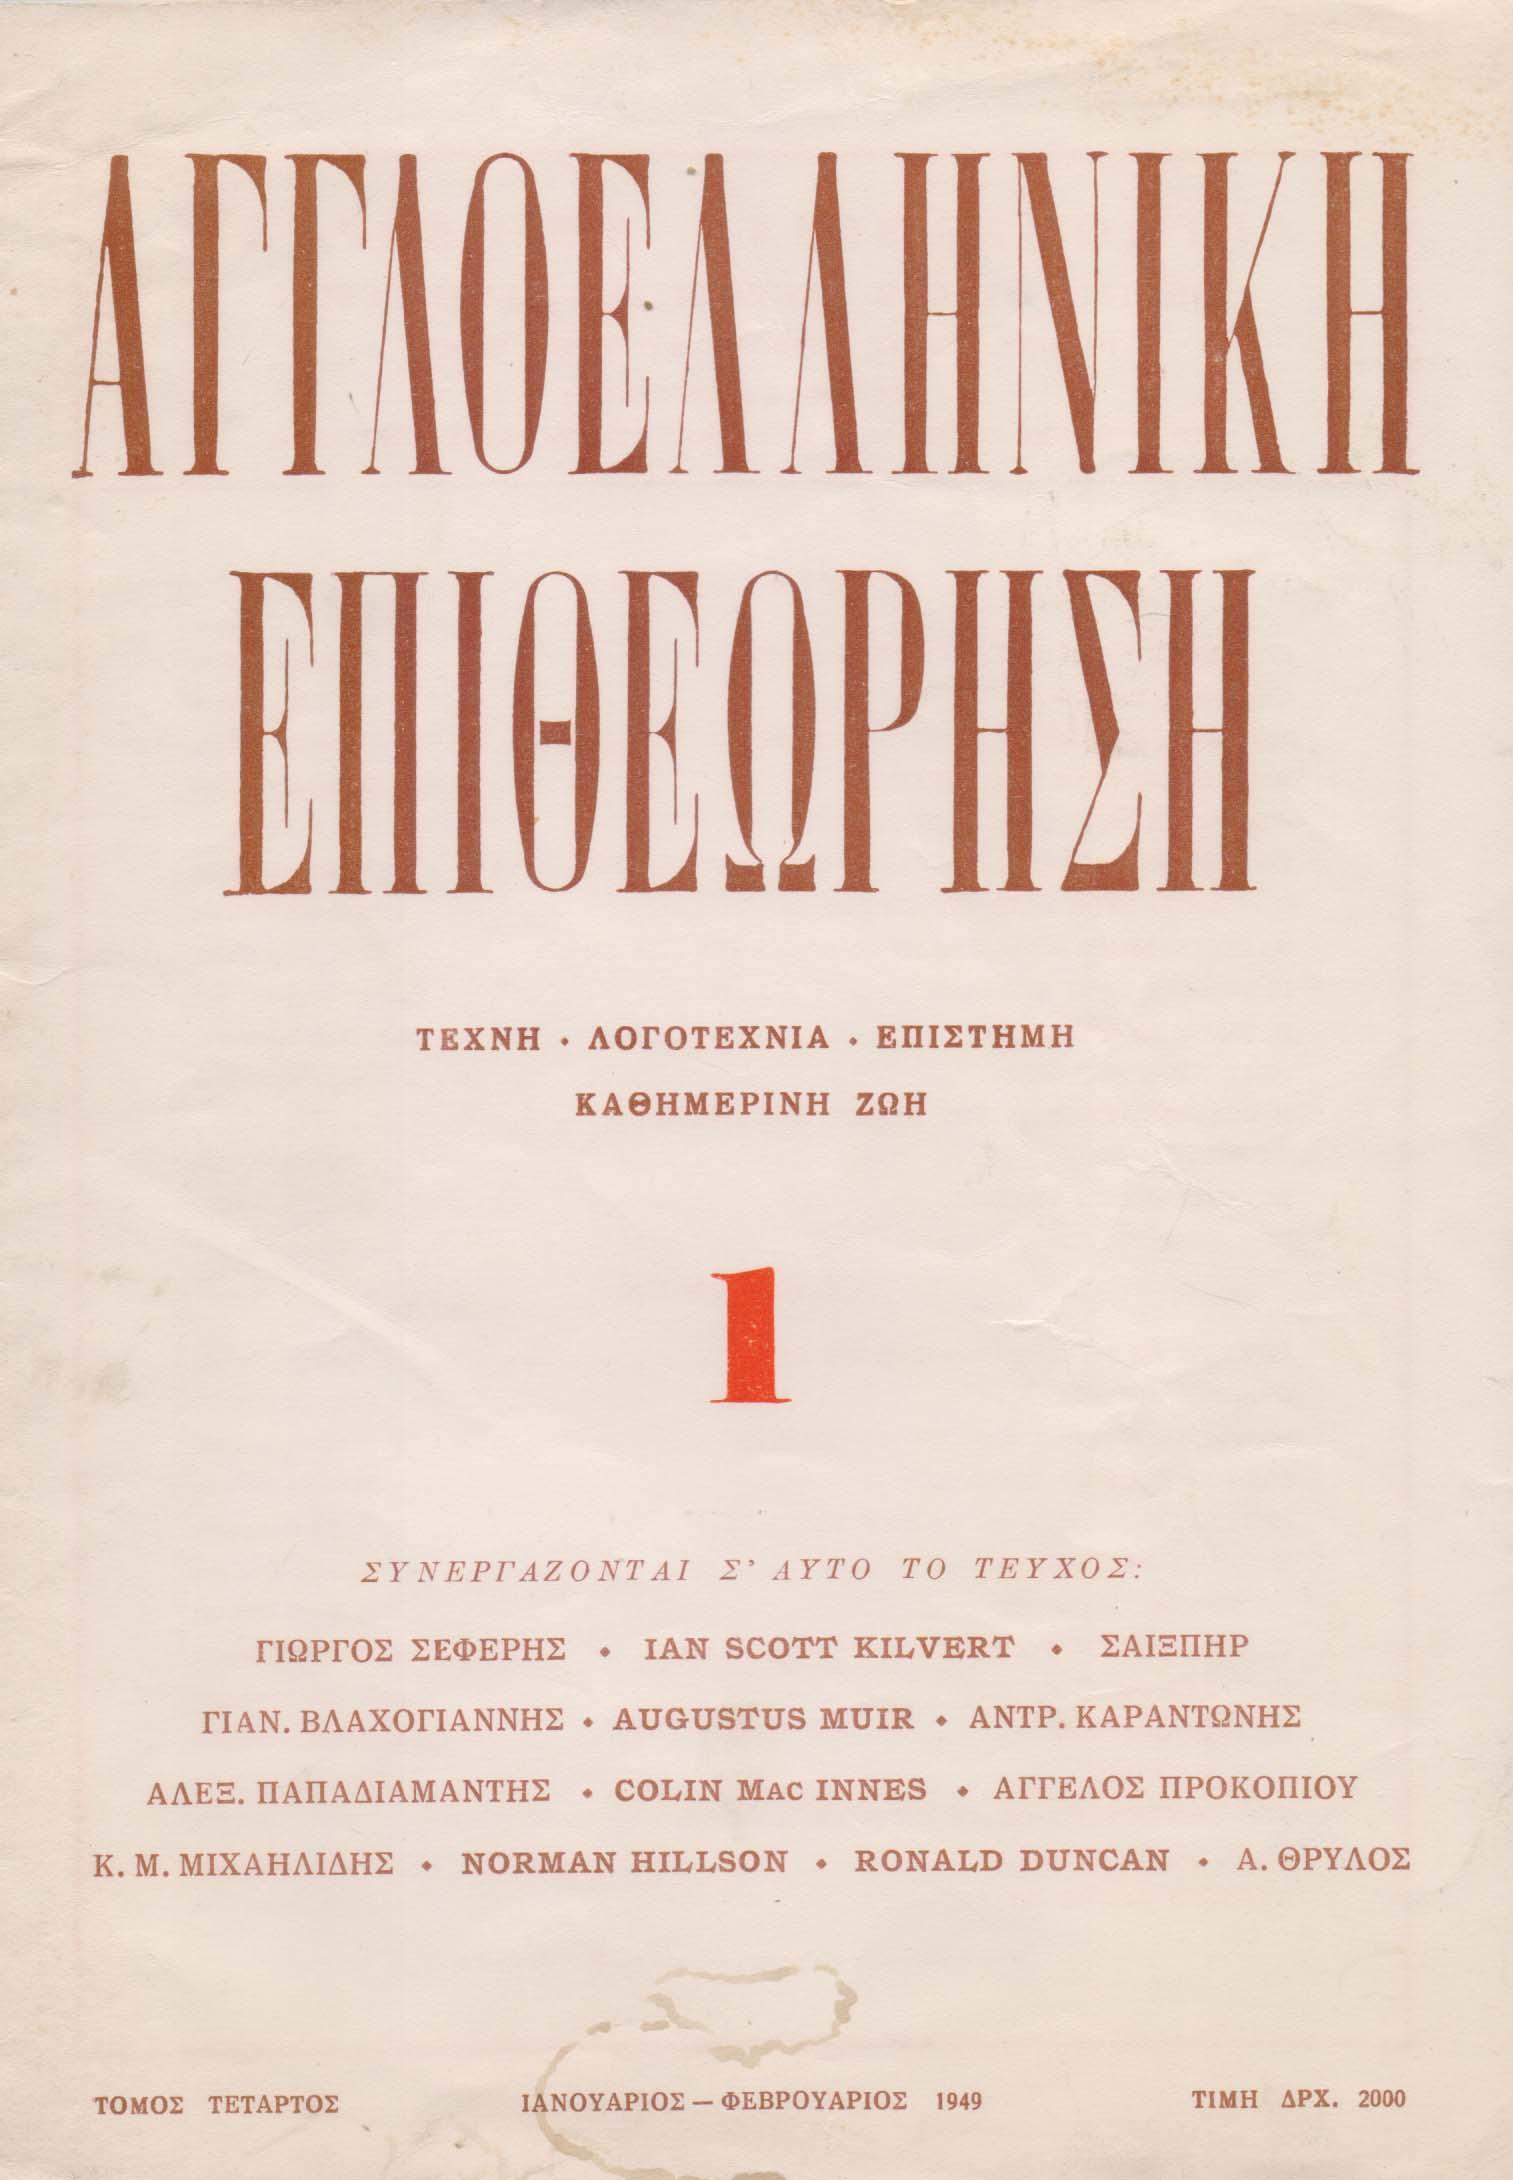 AGGLOELLINIKI EPITHEORISI 1